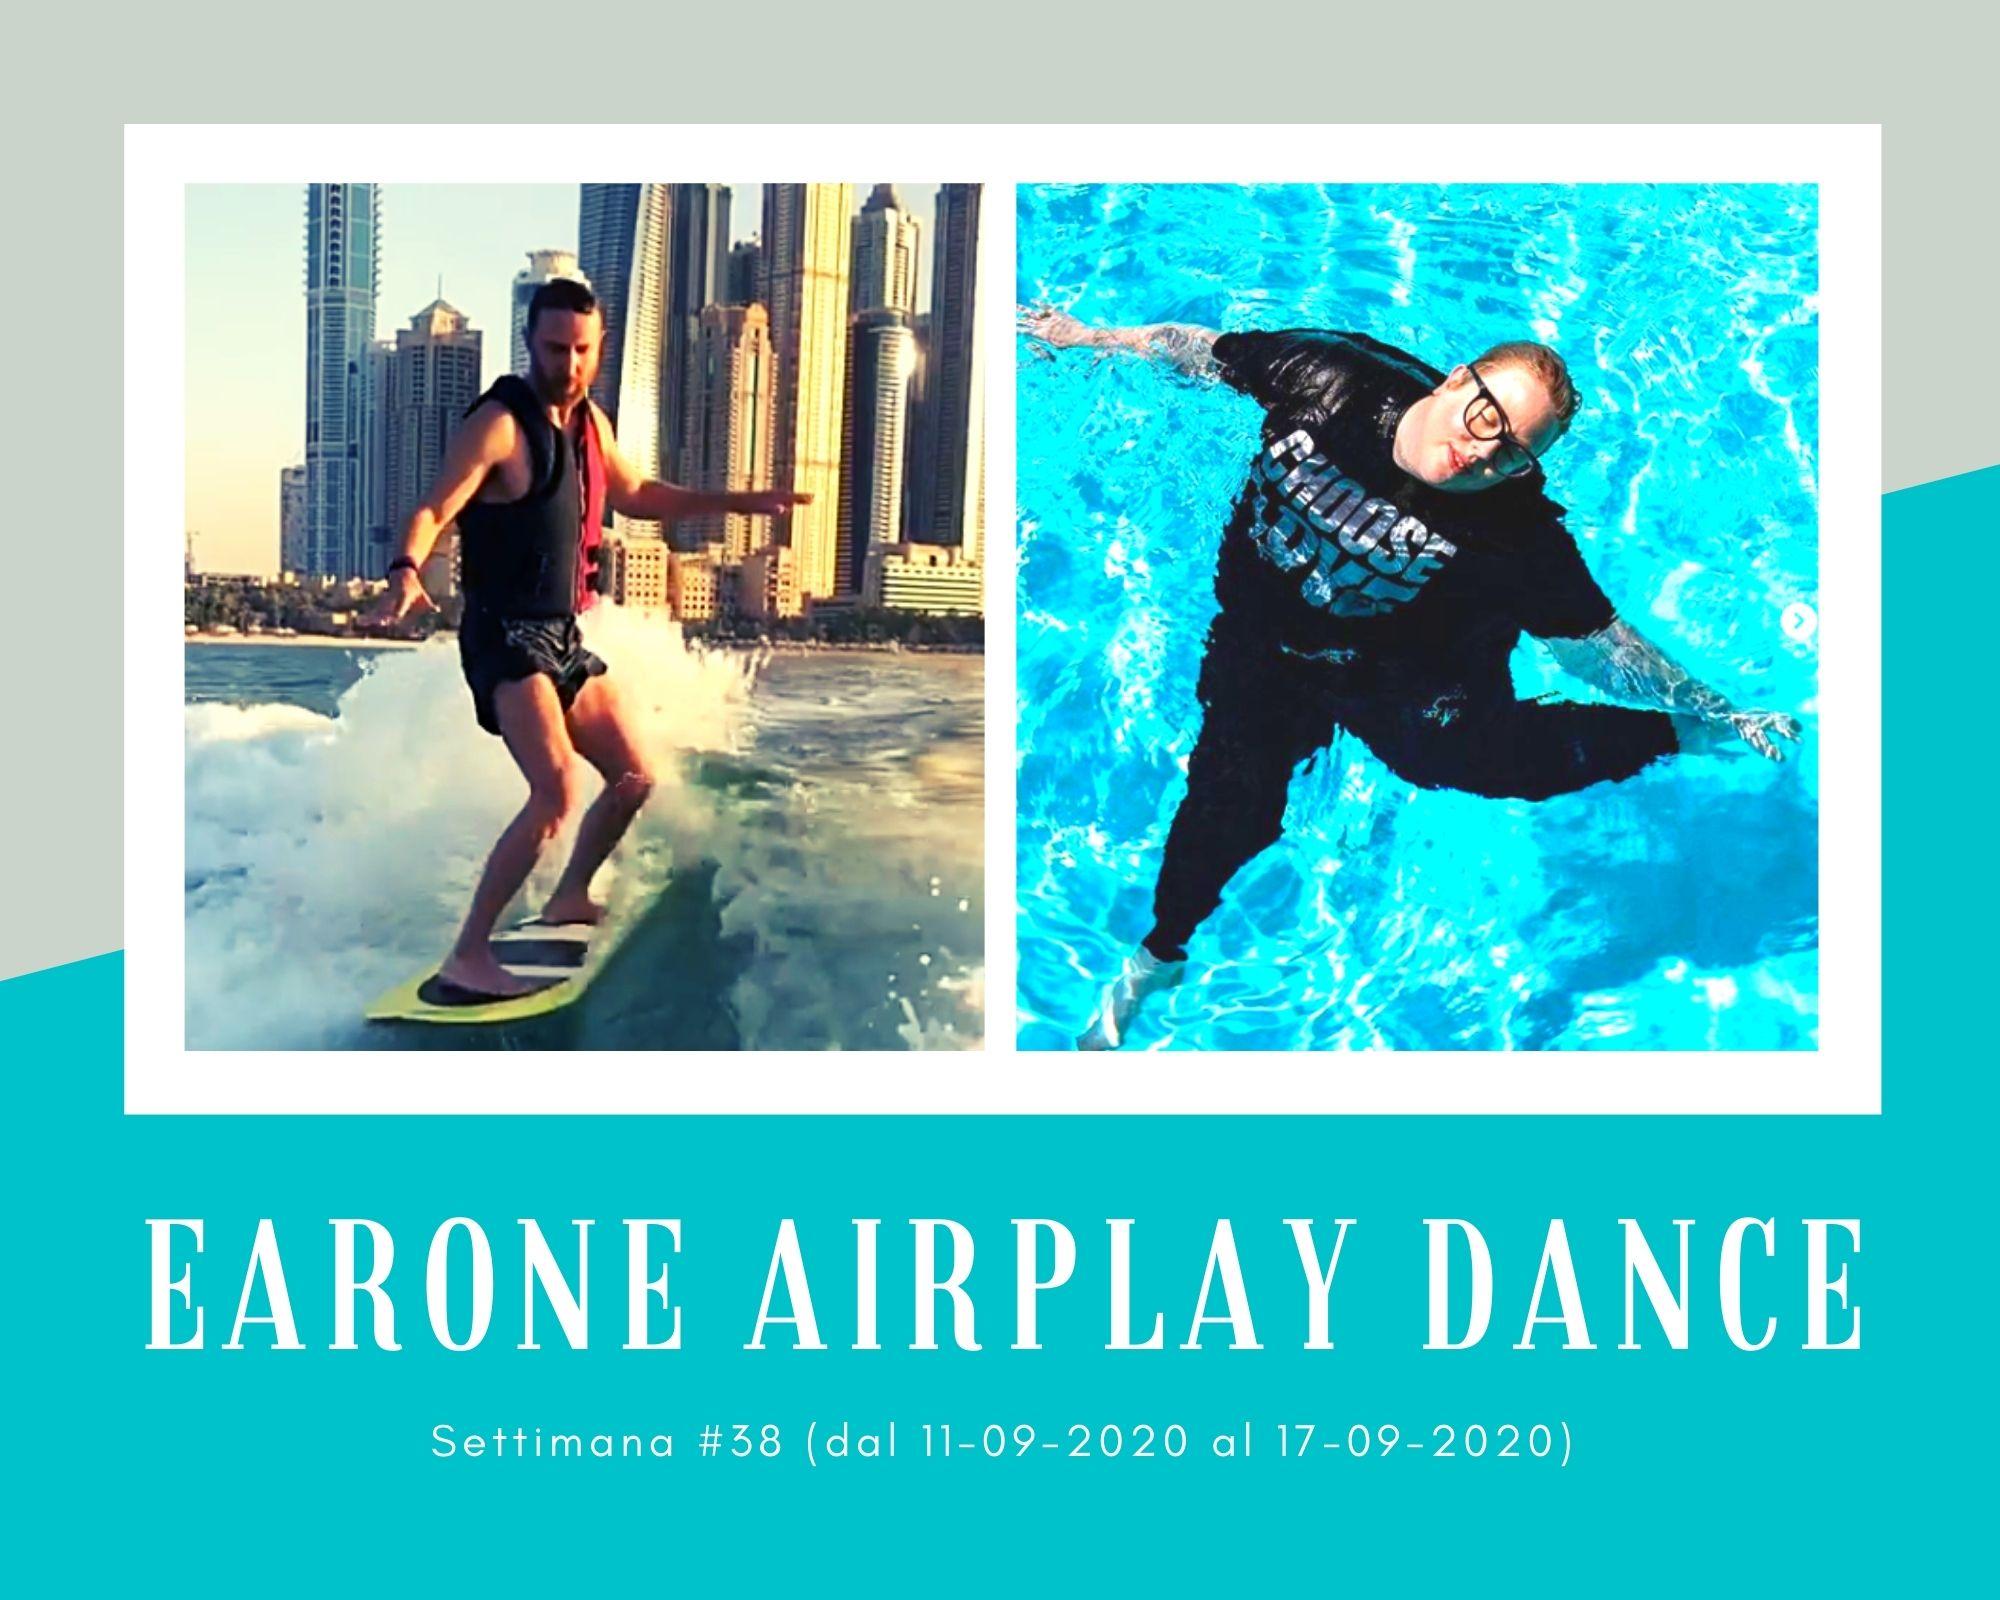 Classifica Radio EarOne Airplay Dance, week 38: David Guetta e The Blessed Madonna, i dj che riportano ai vertici Sia e Dua Lipa